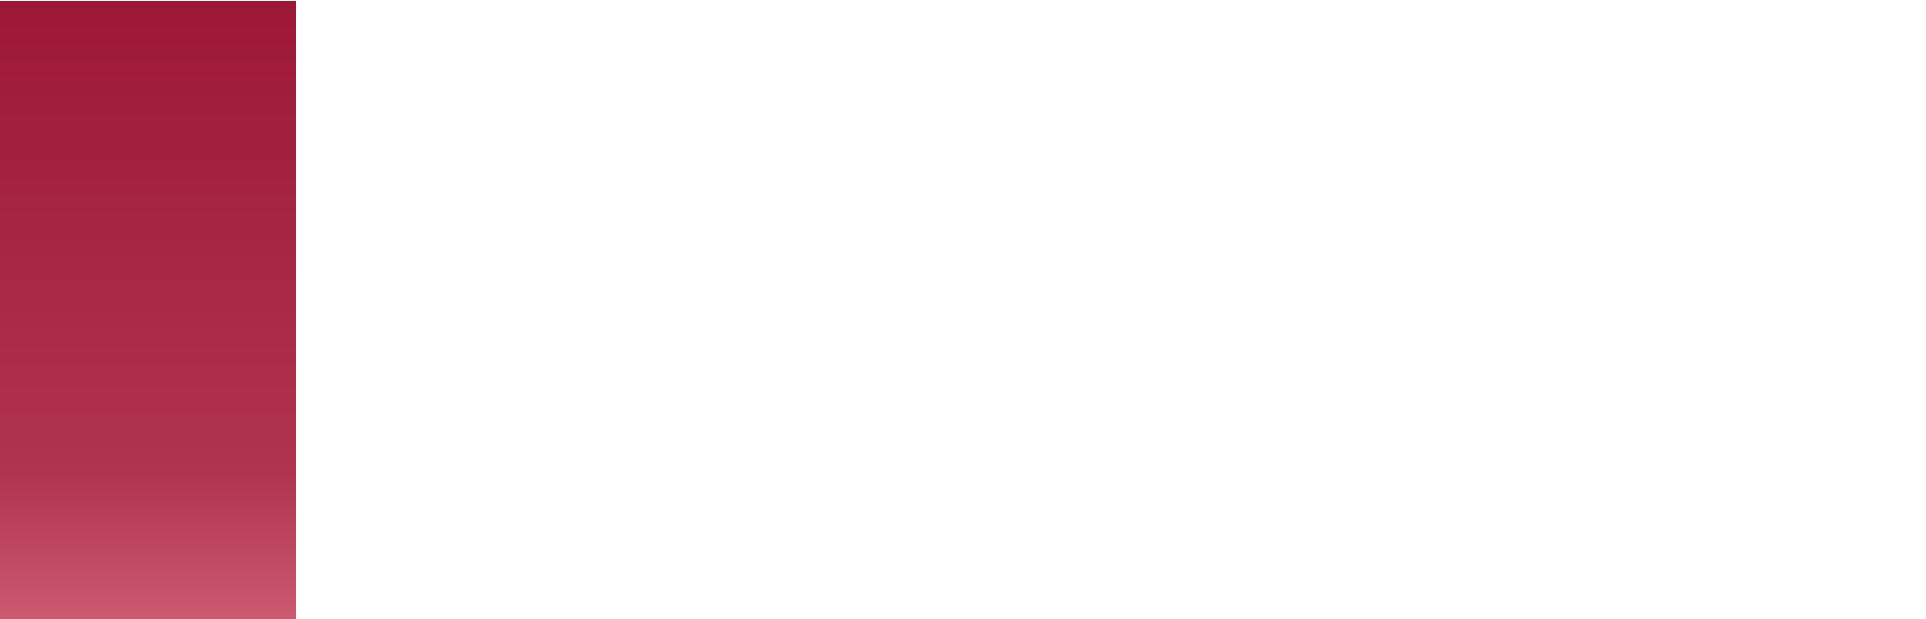 Blom-groep-bv-banner-template